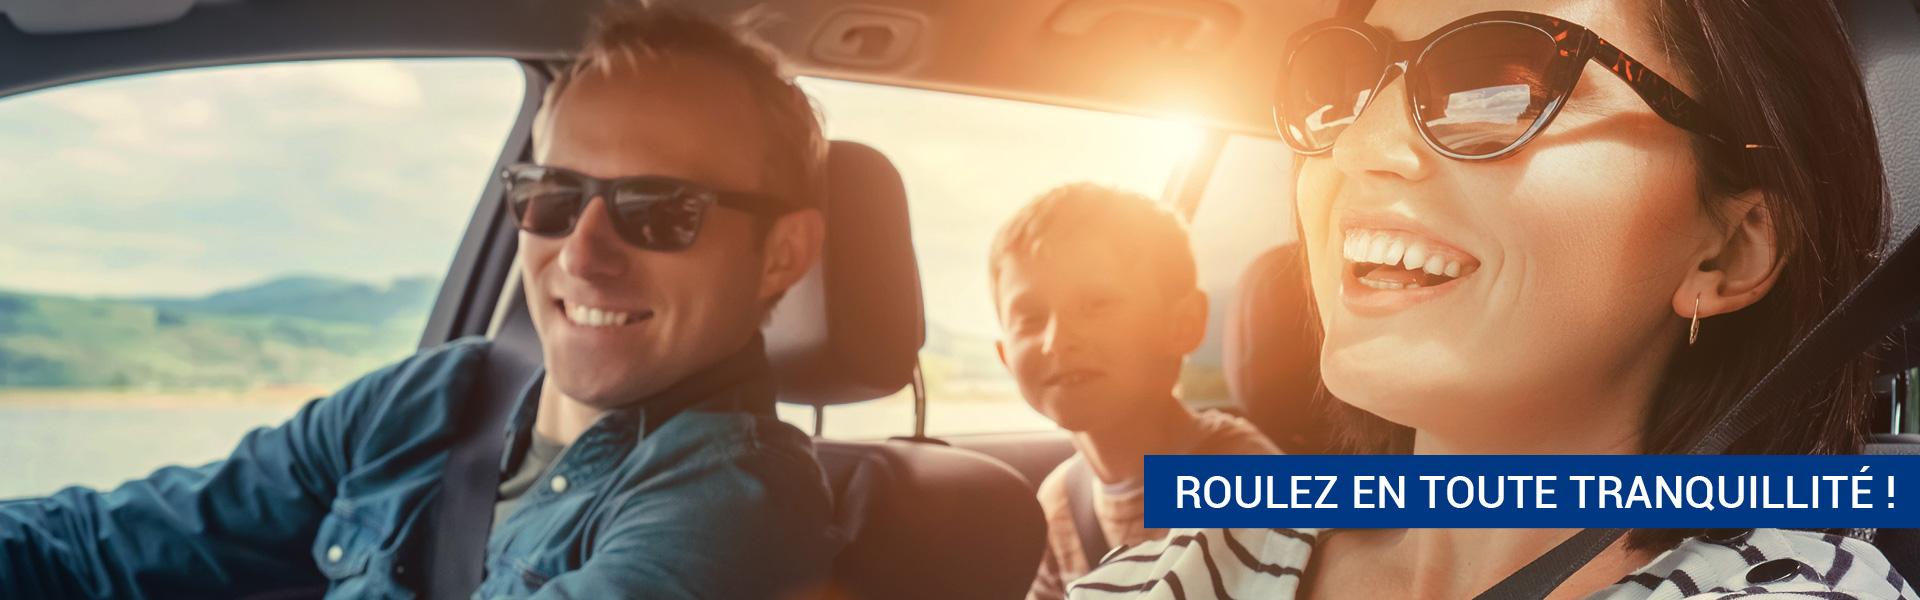 Assurance Auto à Coutances